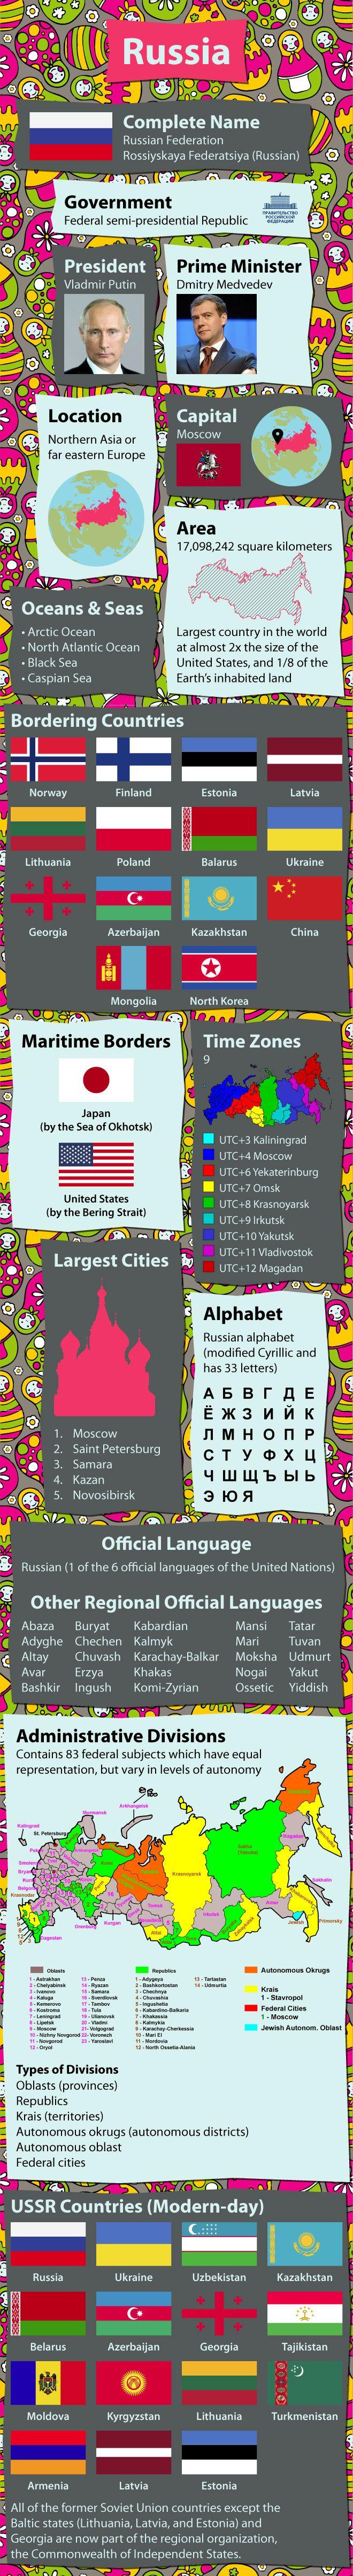 Russian language - Wikipedia